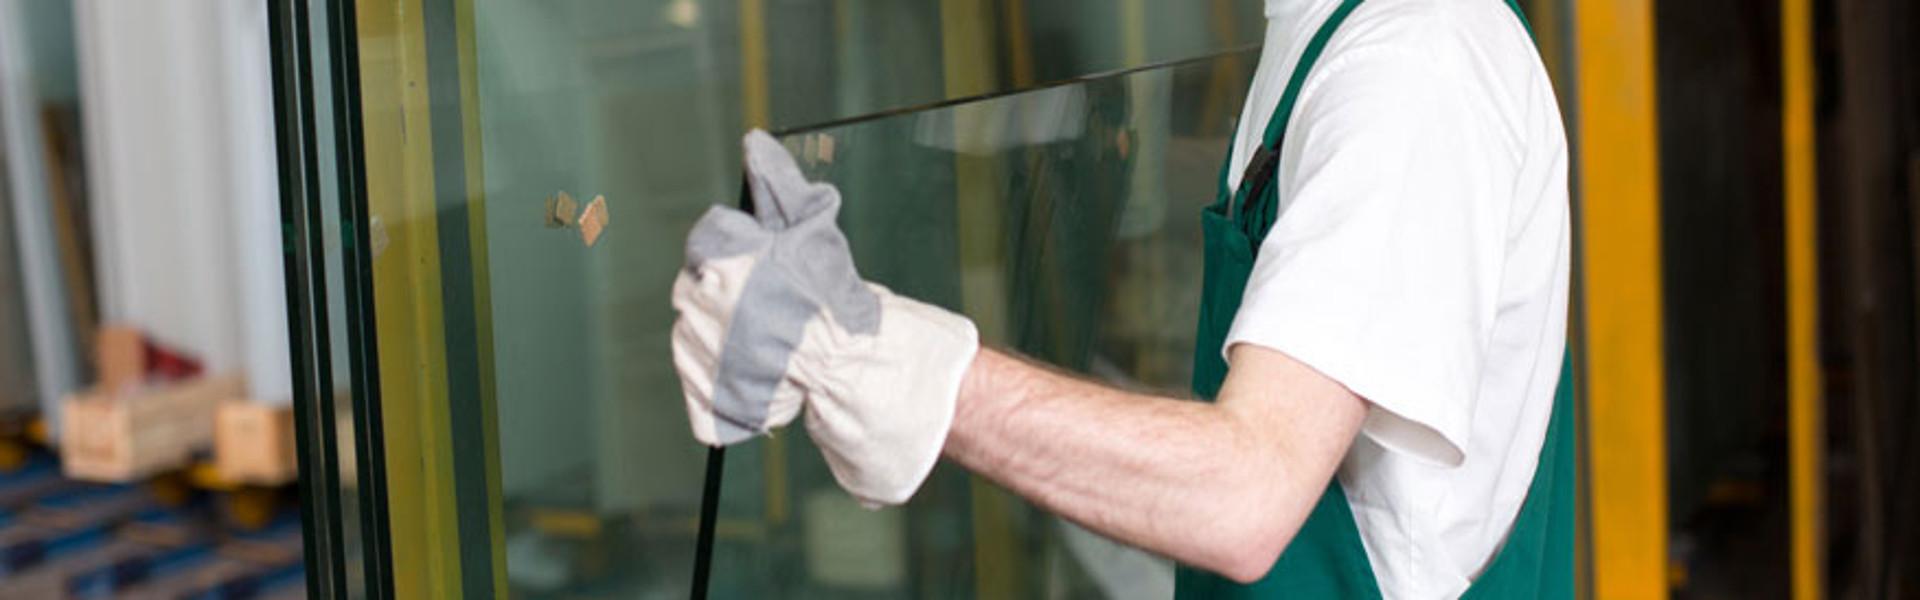 preventivo vetraio